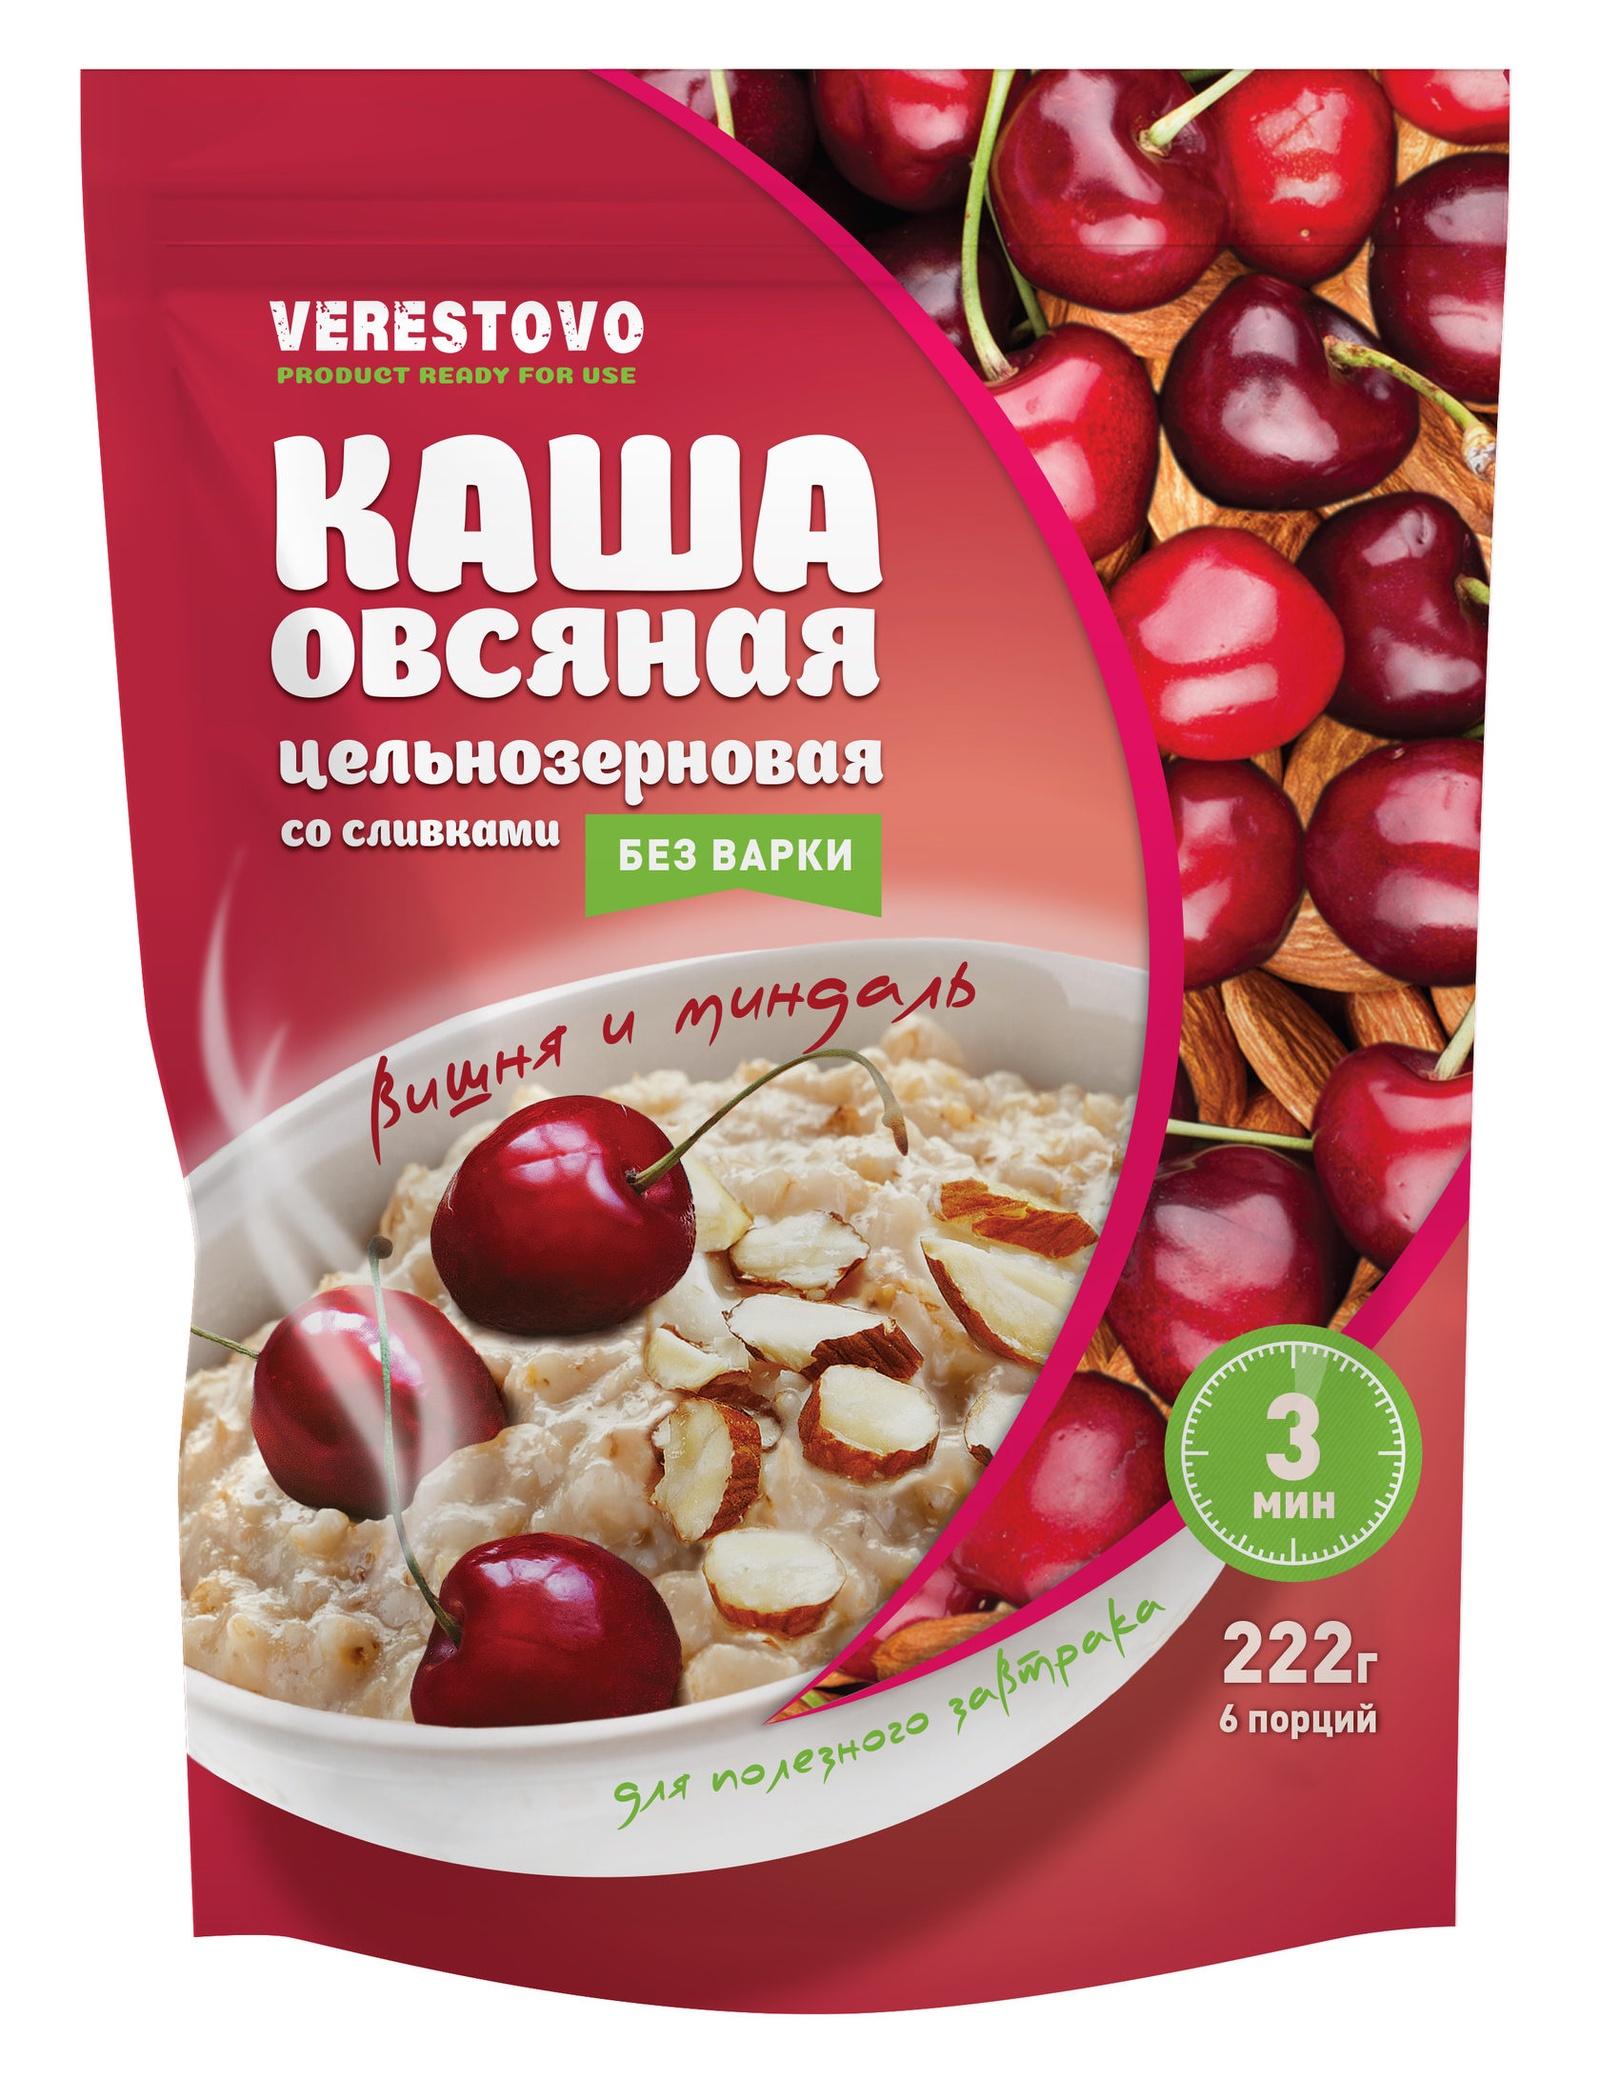 Каша Овсяная моментального приготовления со сливками VERESTOVO Вишня и миндаль, 222г, порционная, 6 шт по 37г